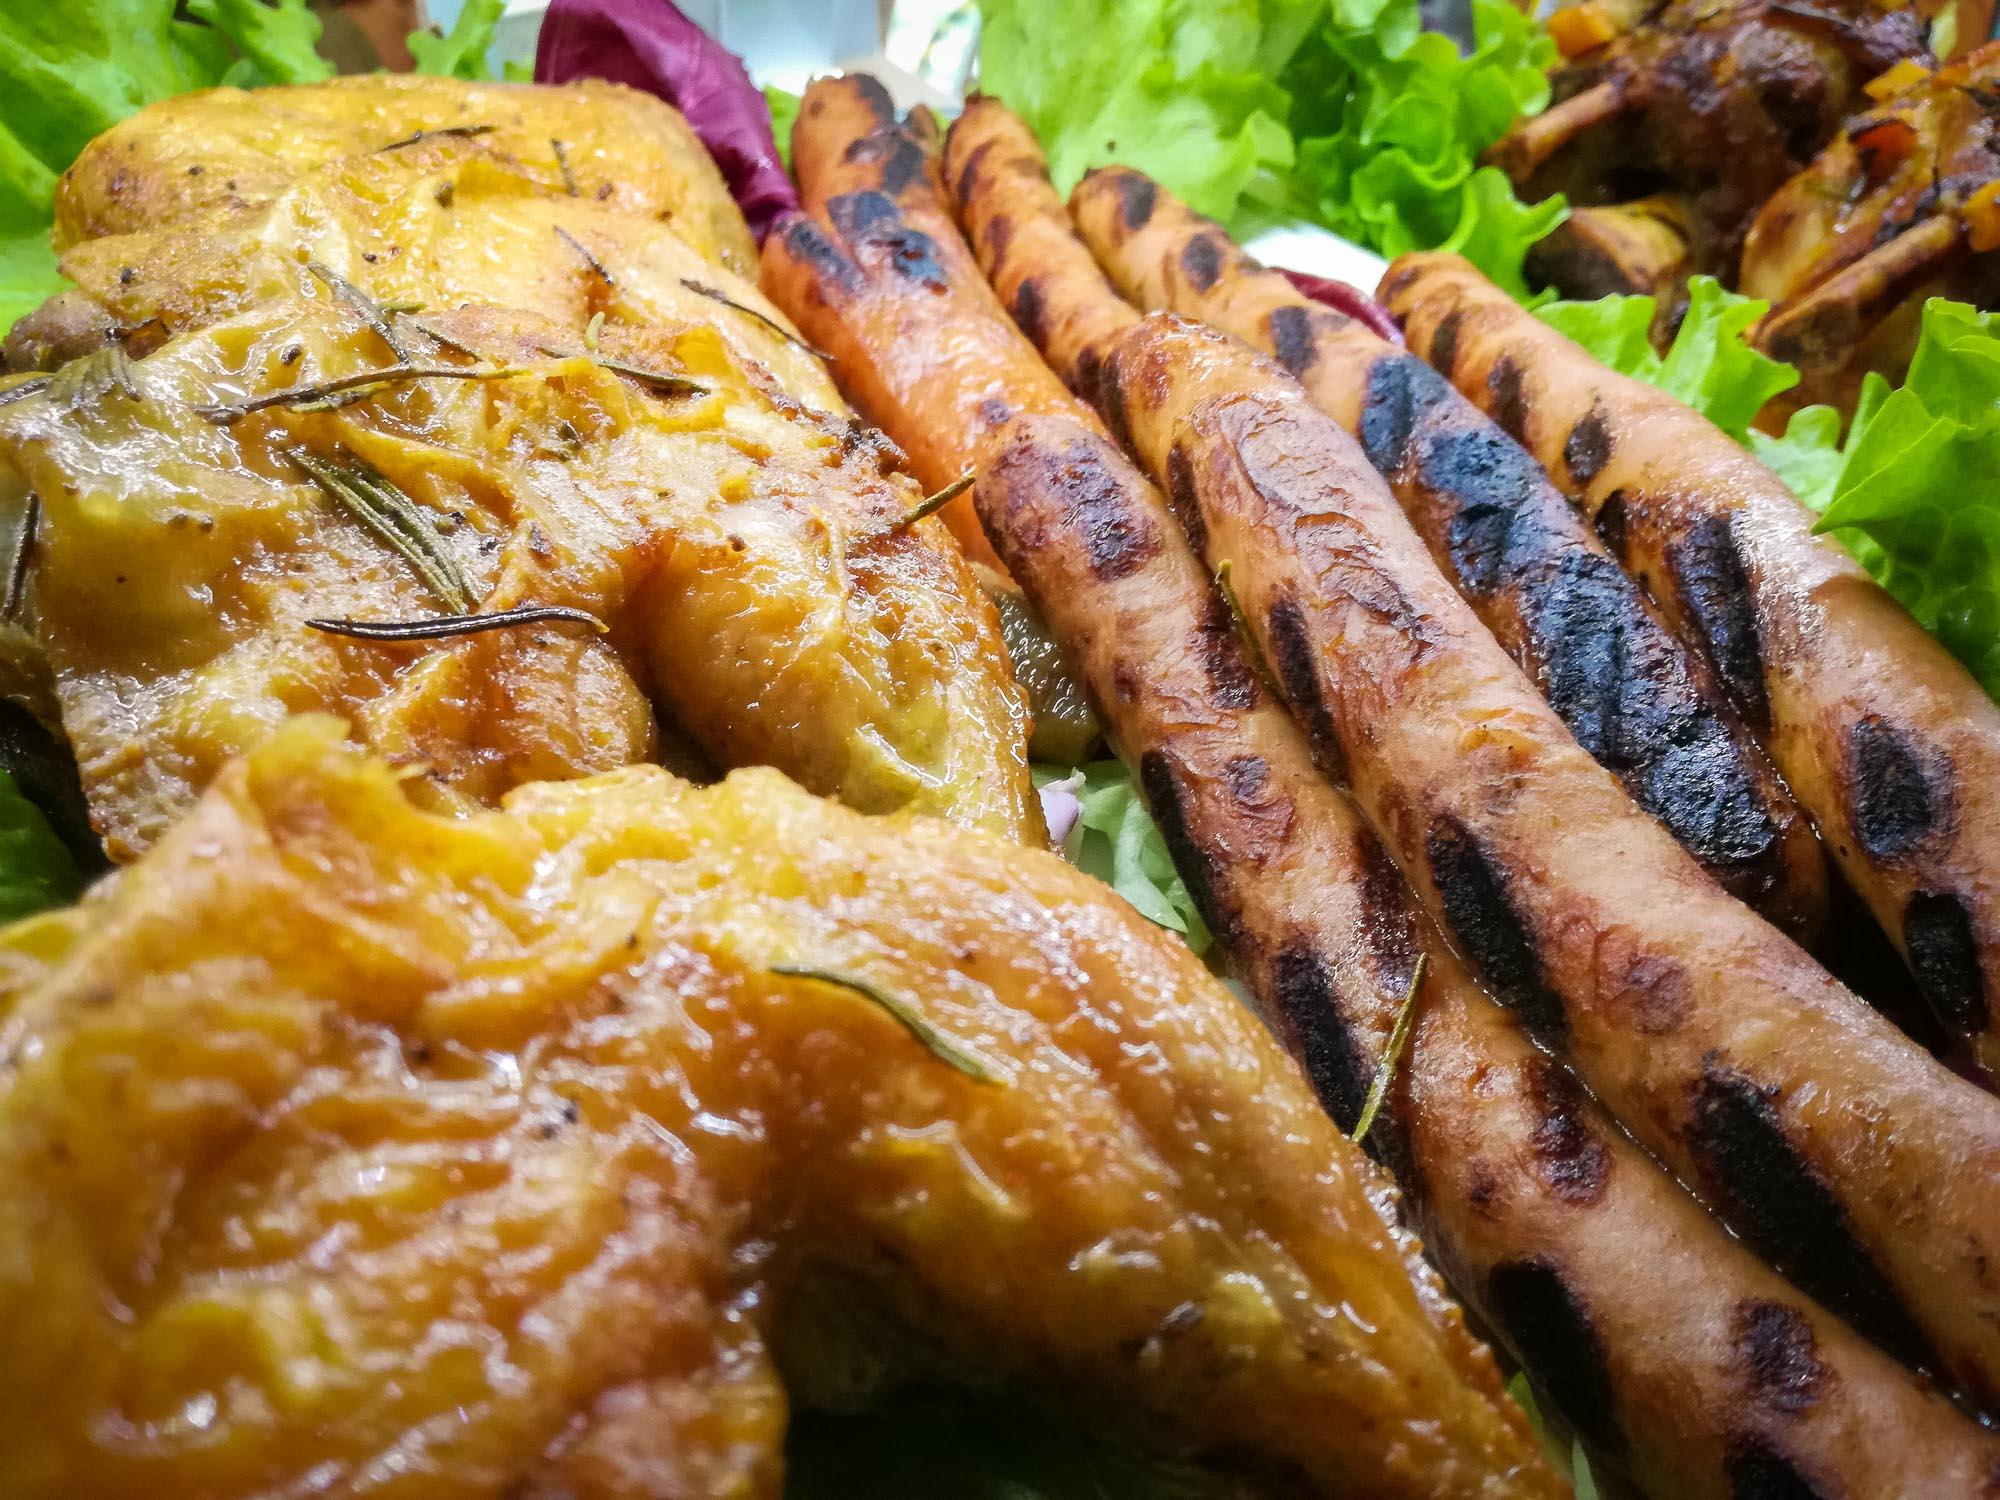 Secondi di carne gnam gnam misano gastronomia tavola for Secondi di carne